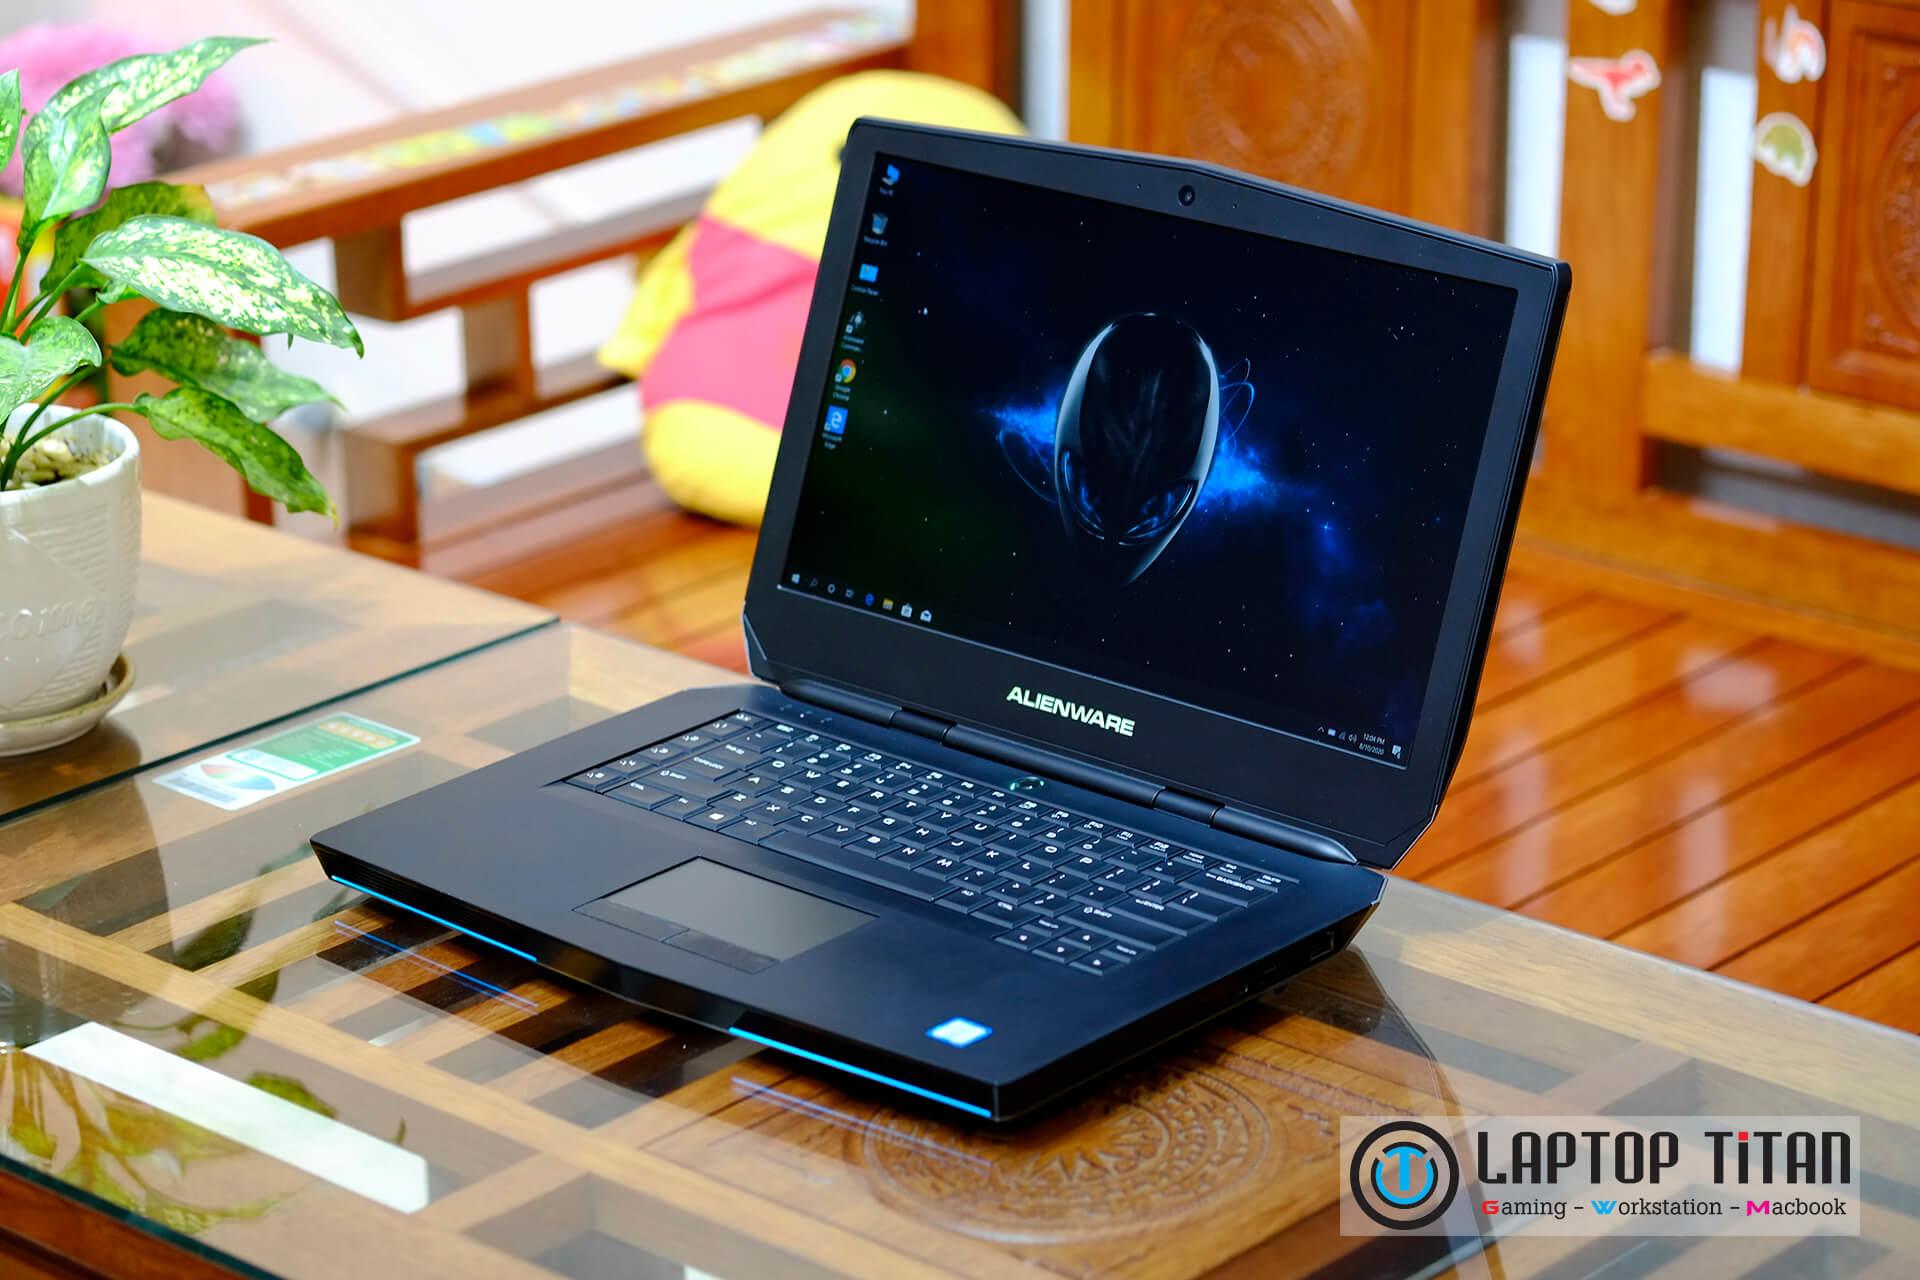 Dell Alienware 15 R2 3